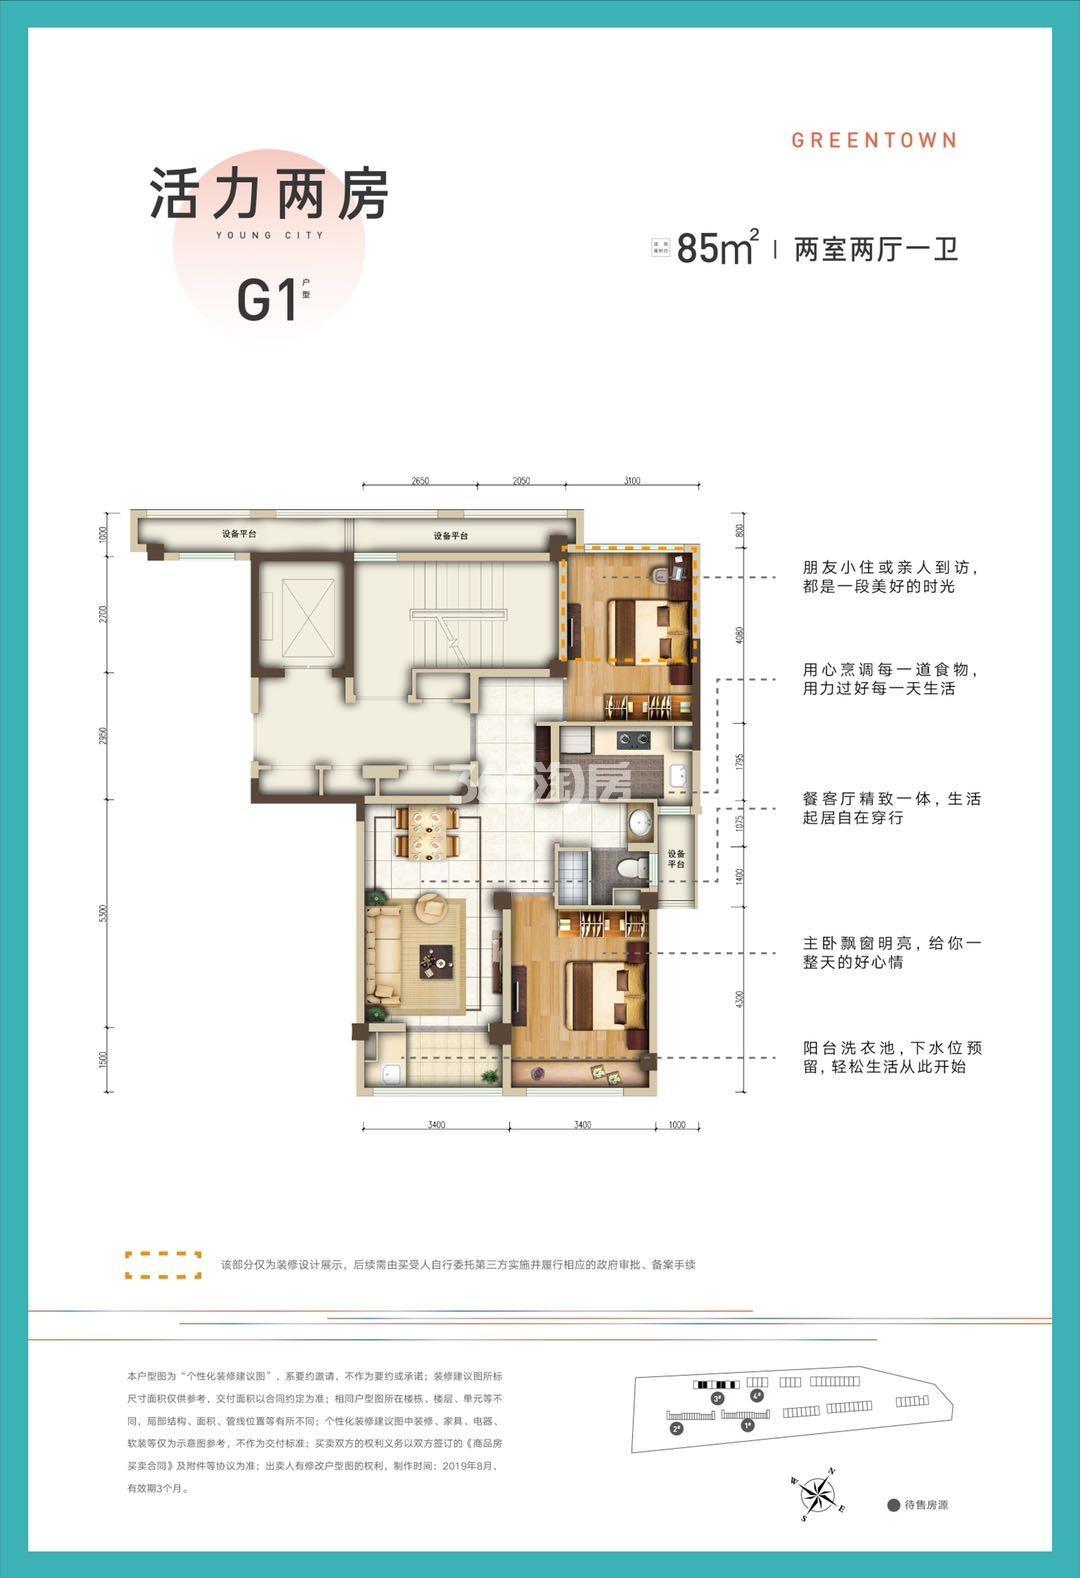 地铁绿城杨柳郡四期G1户型约85㎡(3#中间套)